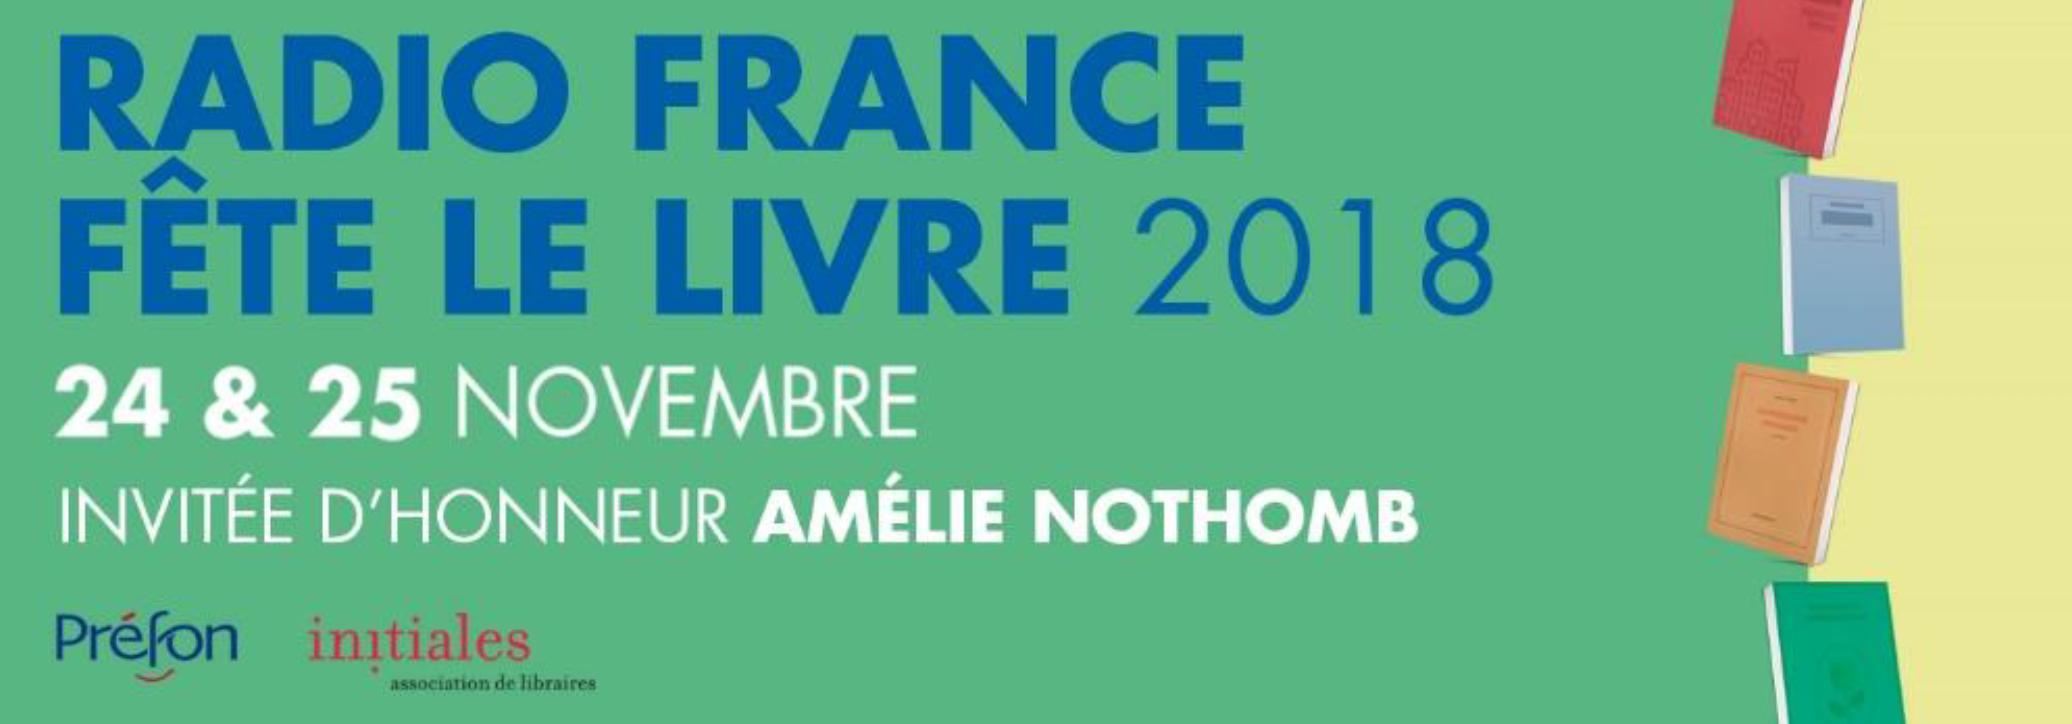 Ce week-end, Radio France fête le livre